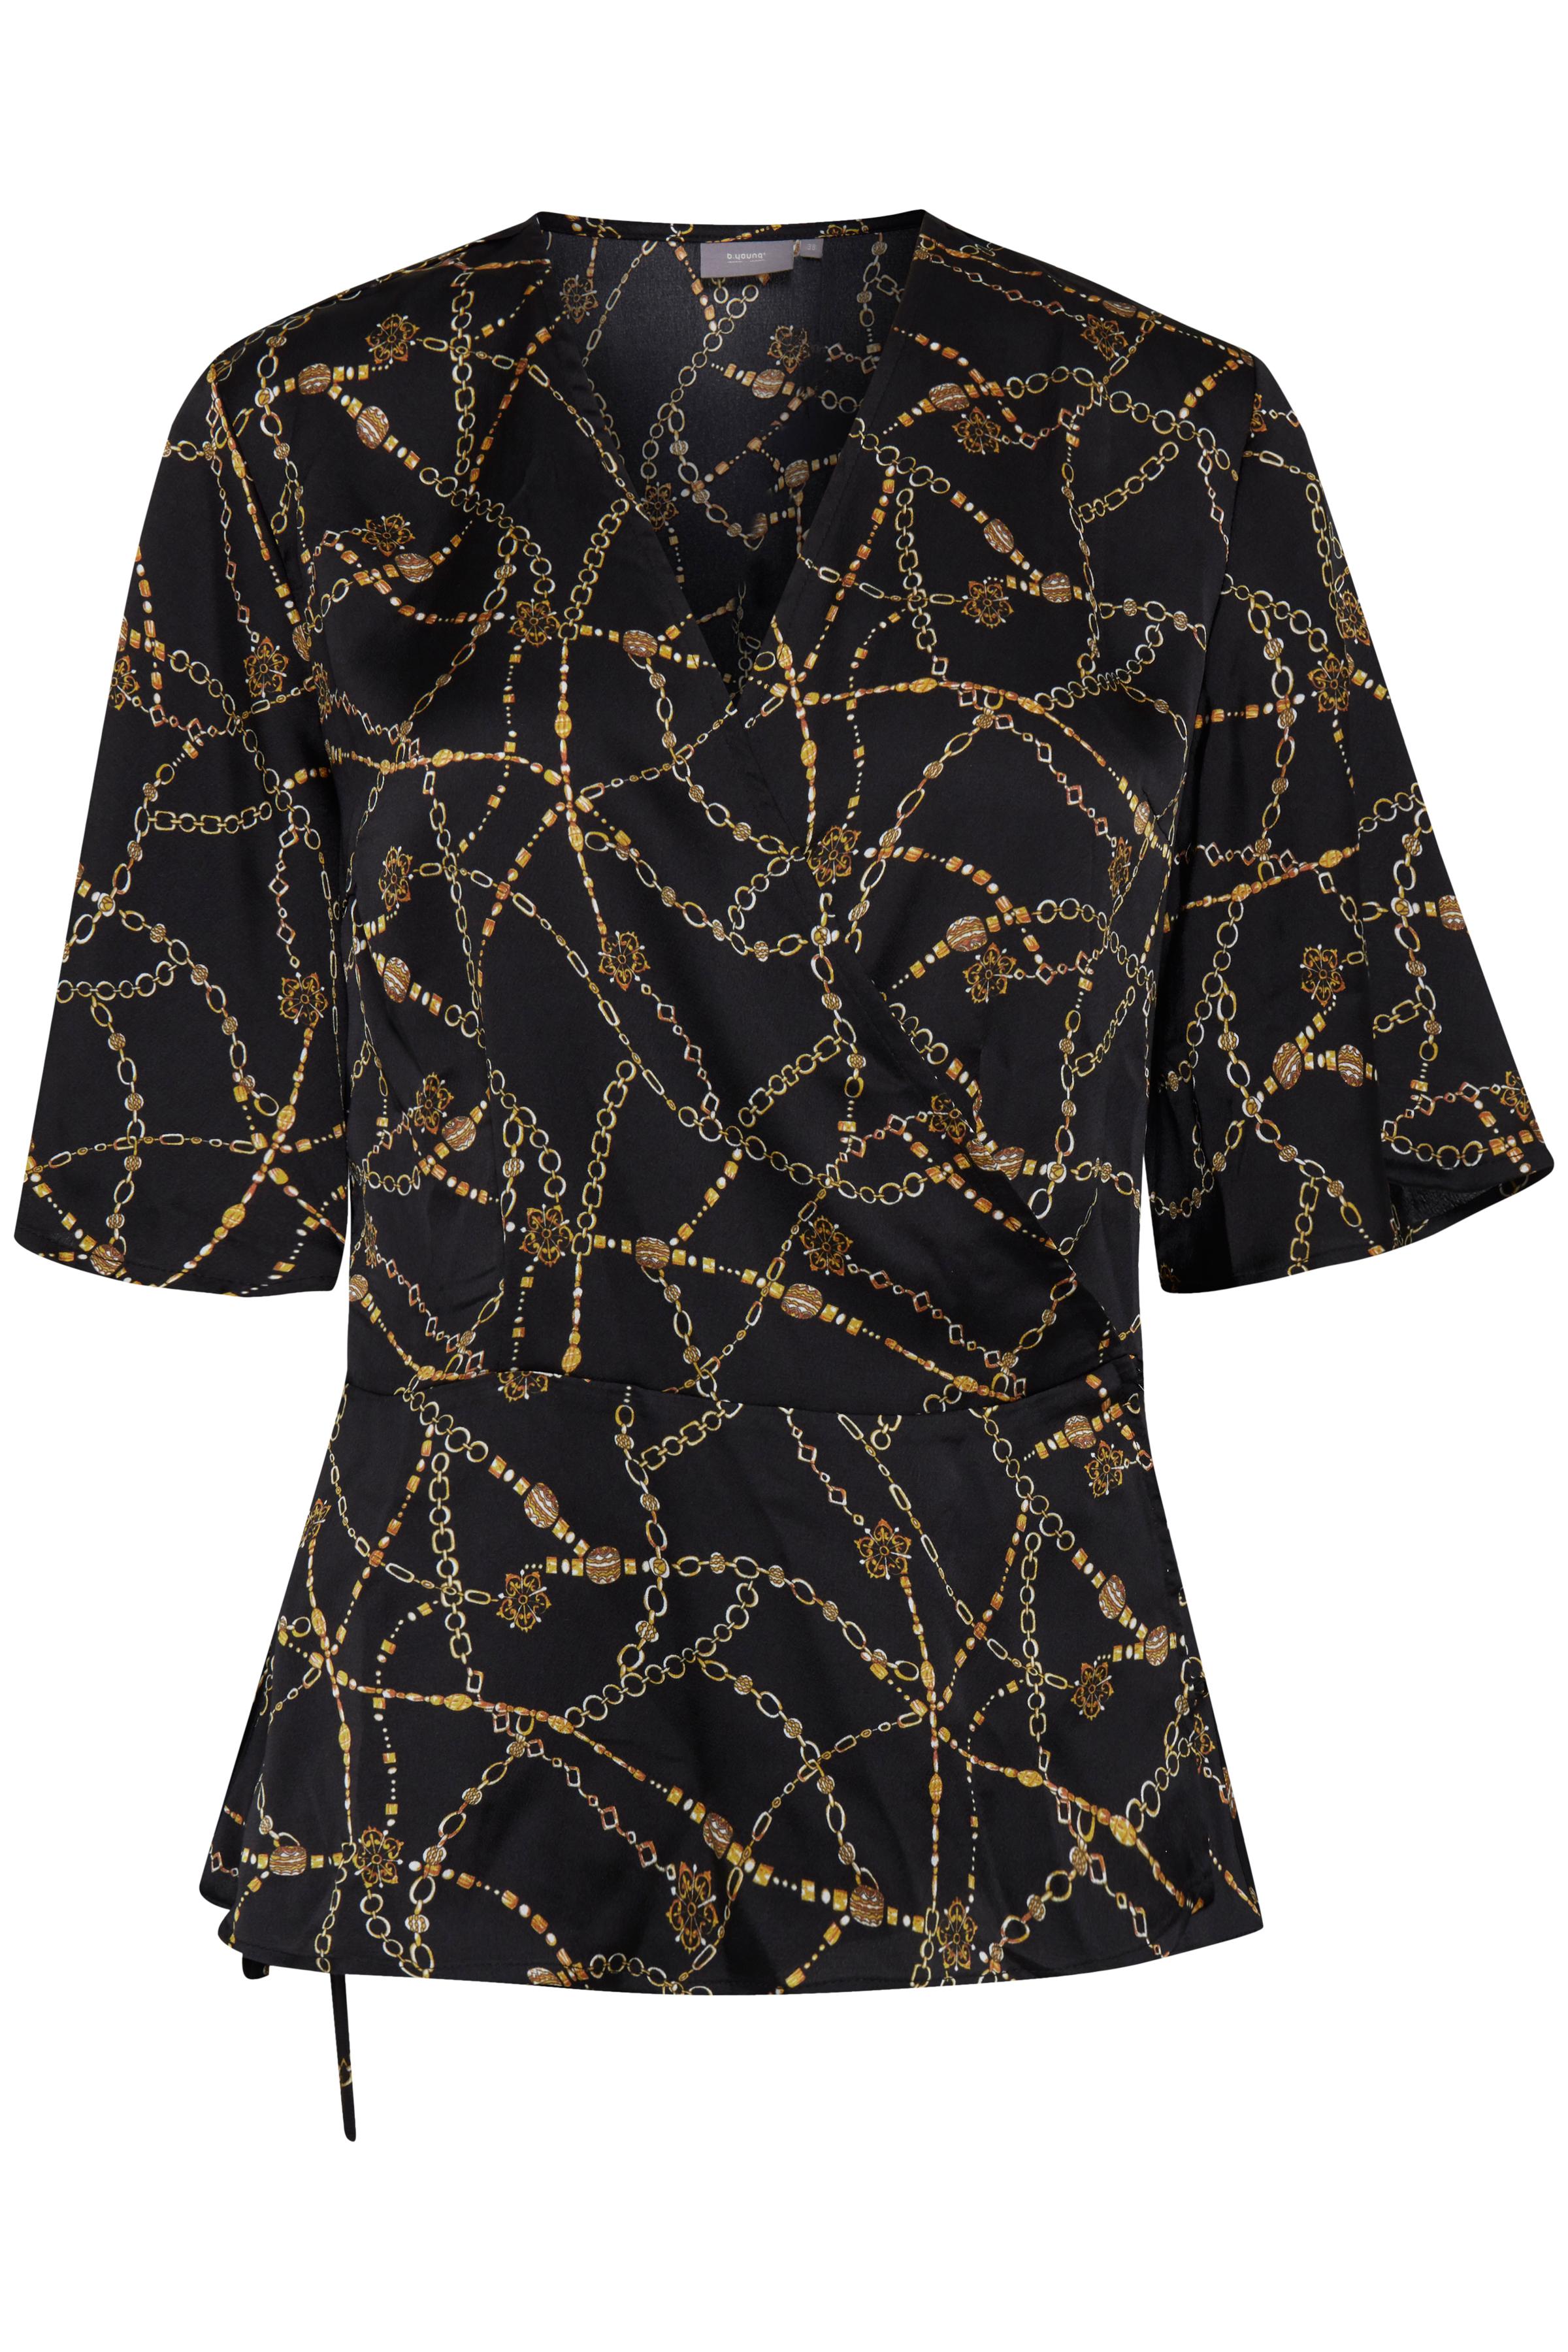 Black combi 1 Kortærmet bluse fra b.young – Køb Black combi 1 Kortærmet bluse fra str. 34-44 her